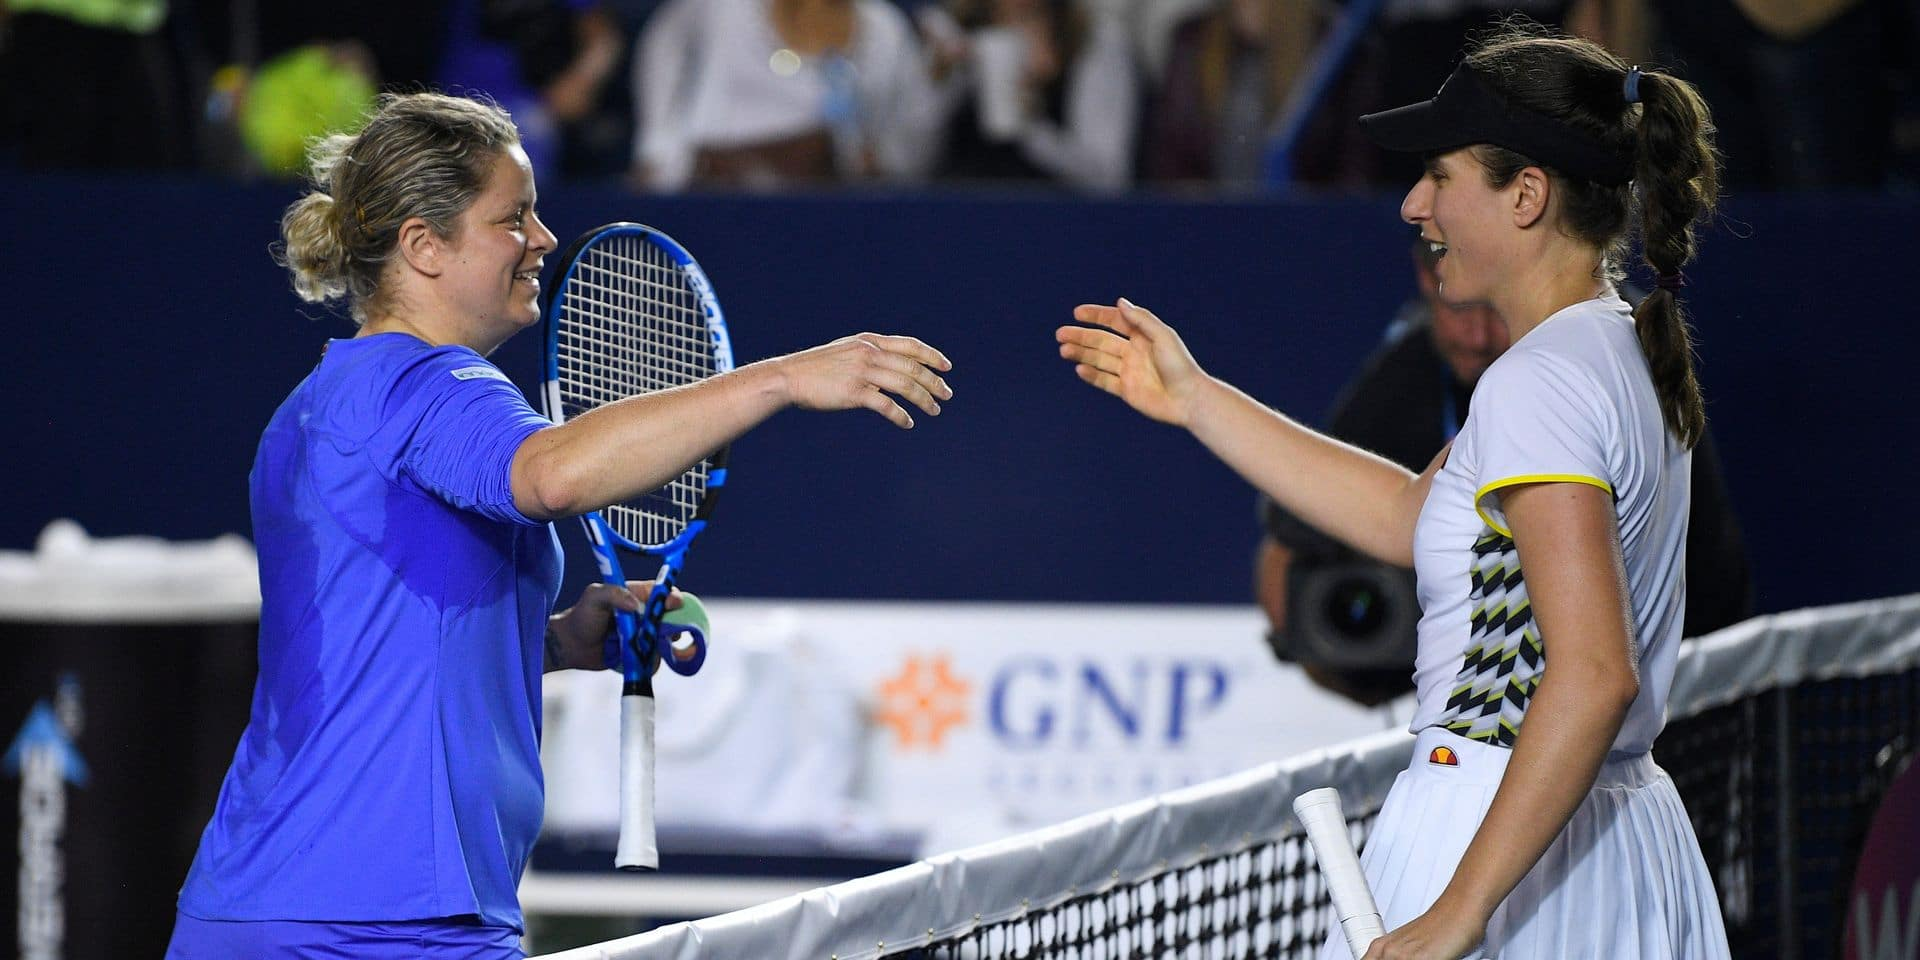 """Analyse de la défaite de Clijsters : """"Gros progrès au service, mais manque de fraîcheur après une heure de match"""""""